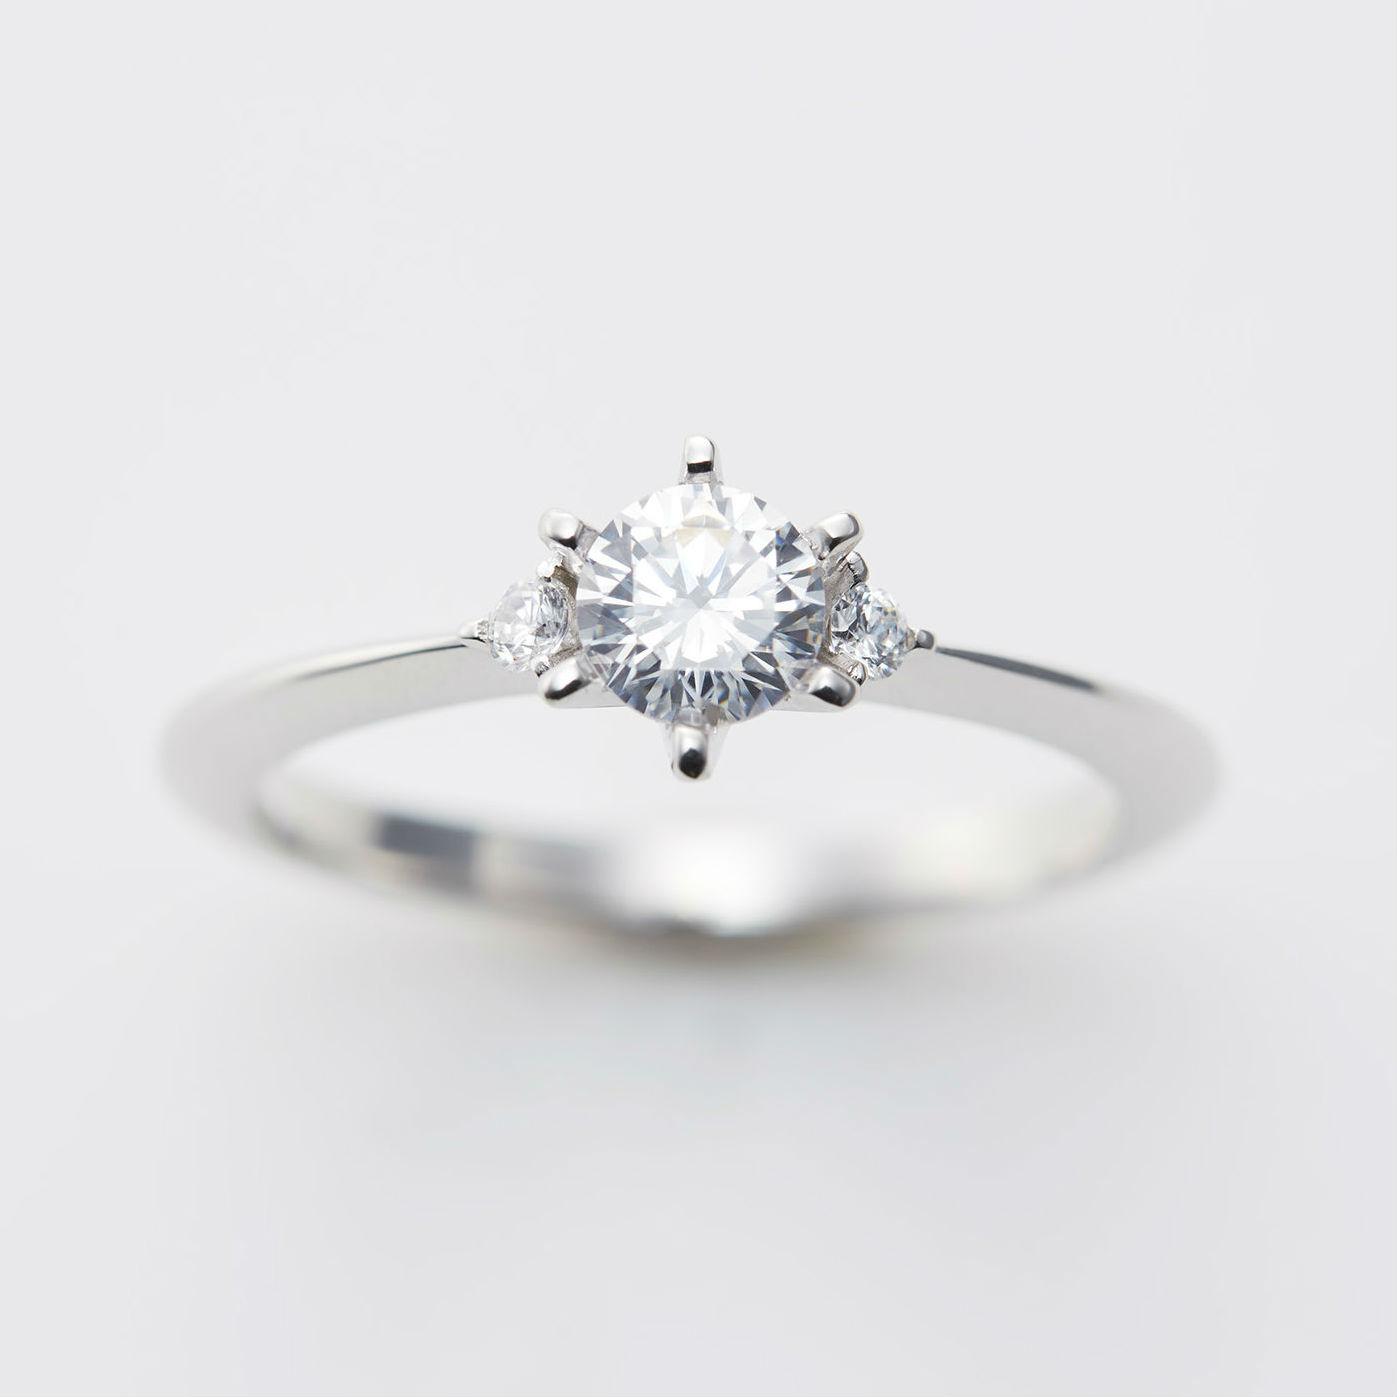 サイドメレをあしらったストレートデザインの婚約指輪